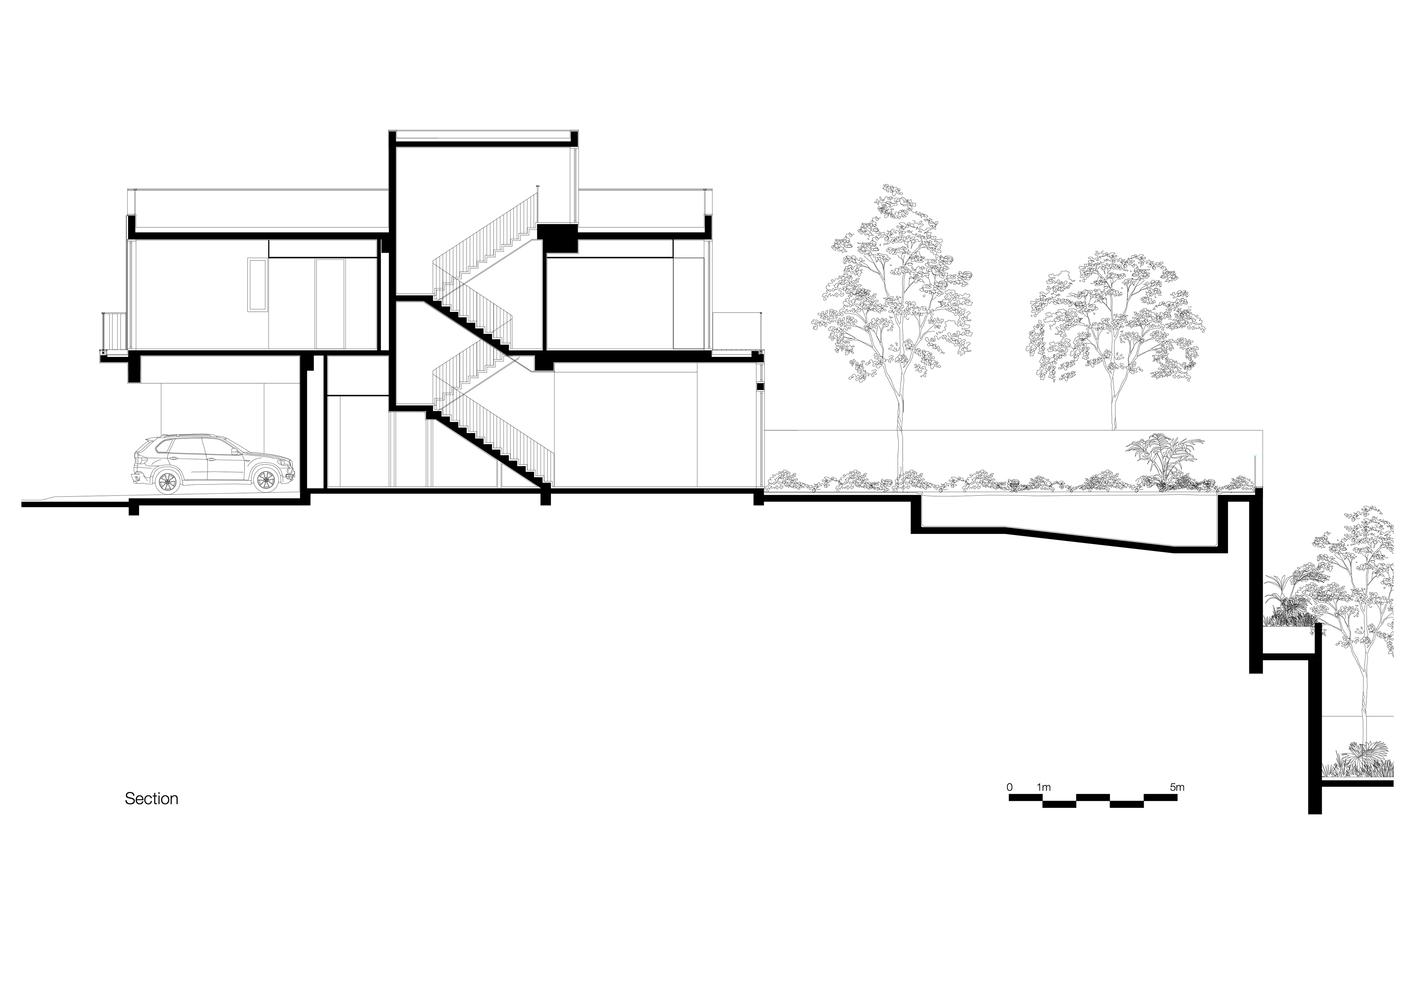 Whitesands_House Section.jpg